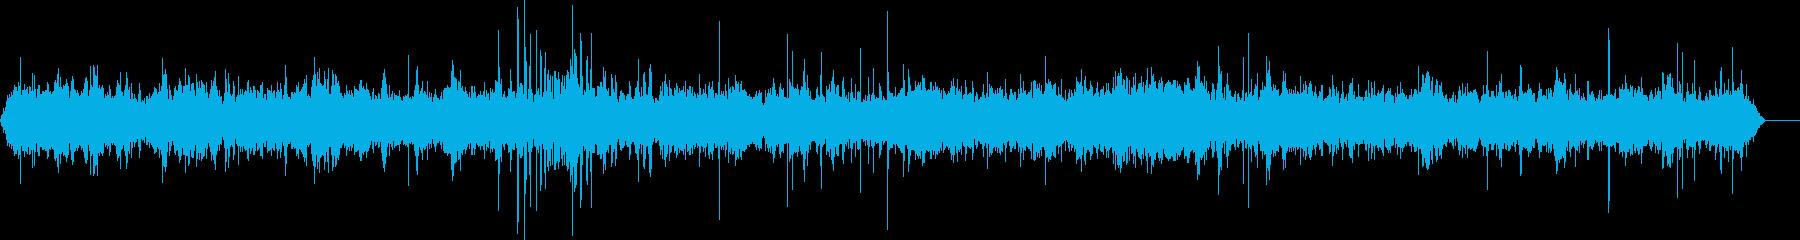 マーケット3の再生済みの波形